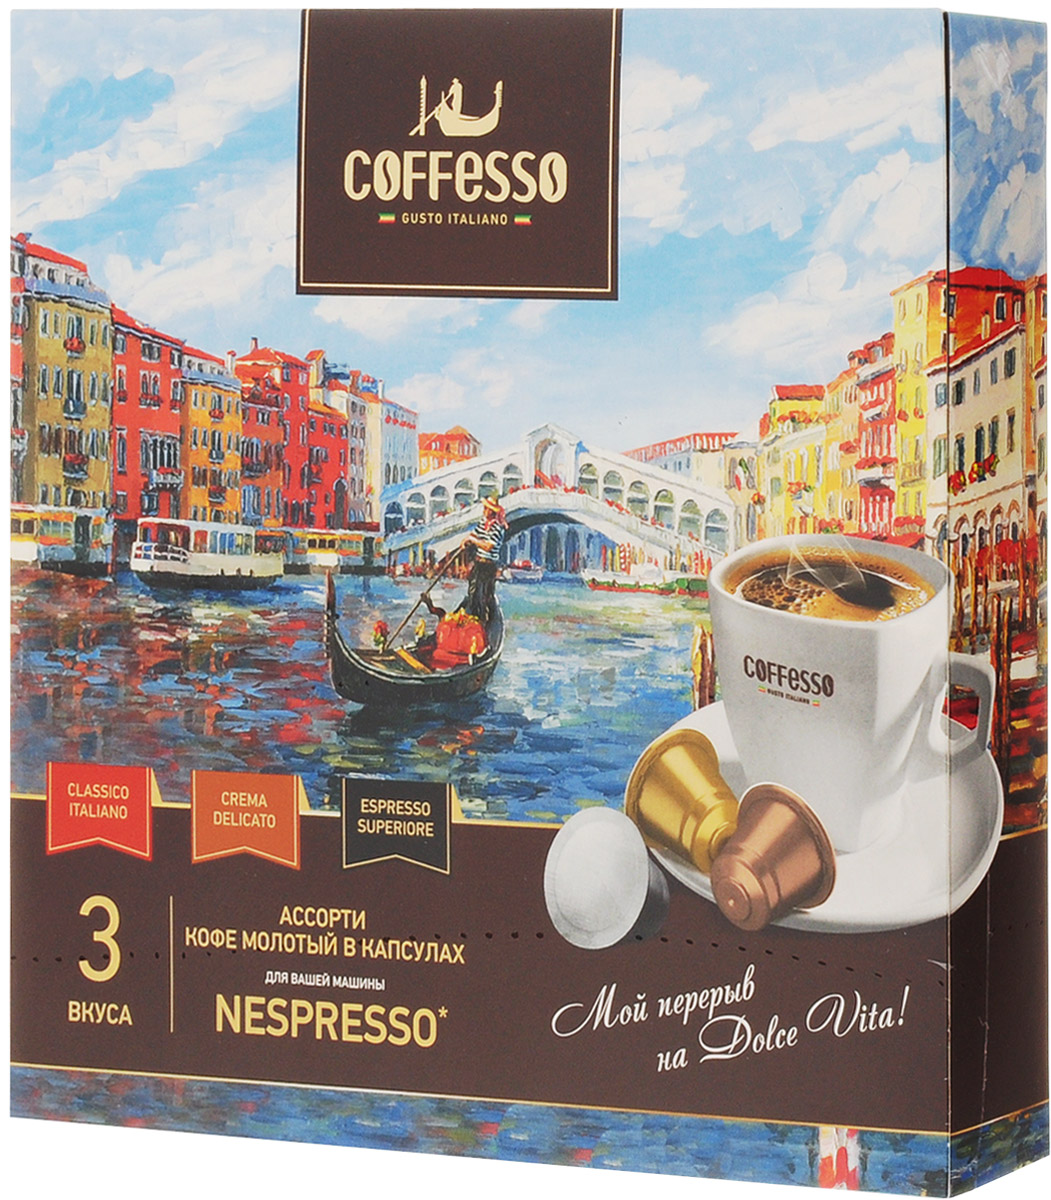 Coffesso Art Box кофе в капсулах, 9 шт100255Кофе-капсулы в подарочном наборе - это ассорти из трех блендов, трех самых популярных вкусов Италии: Espresso Superiore -восхитительный бленд 100% отборной арабики темной обжарки из Восточной Африки, раскрывается плотной текстурой, крепким, бархатистым вкусом и насыщенным богатым ароматом с легким оттенком шоколада; Crema Delicato - благодаря средней обжарке отборной 100% арабики, приобретает легкую текстуру, деликатный, шелковистый вкус и яркий мягкий благородный аромат с уловимыми фруктовыми нотами; Classico Italiano - гармоничное сочетание отборной 100% арабики из разных стран и средней обжарки придают кофе сбалансированный классический вкус и насыщенный, богатый аромат с легкими карамельными нотками.Ярких и незабываемых минут удовольствий вам с чашечкой любимого эспрессо!